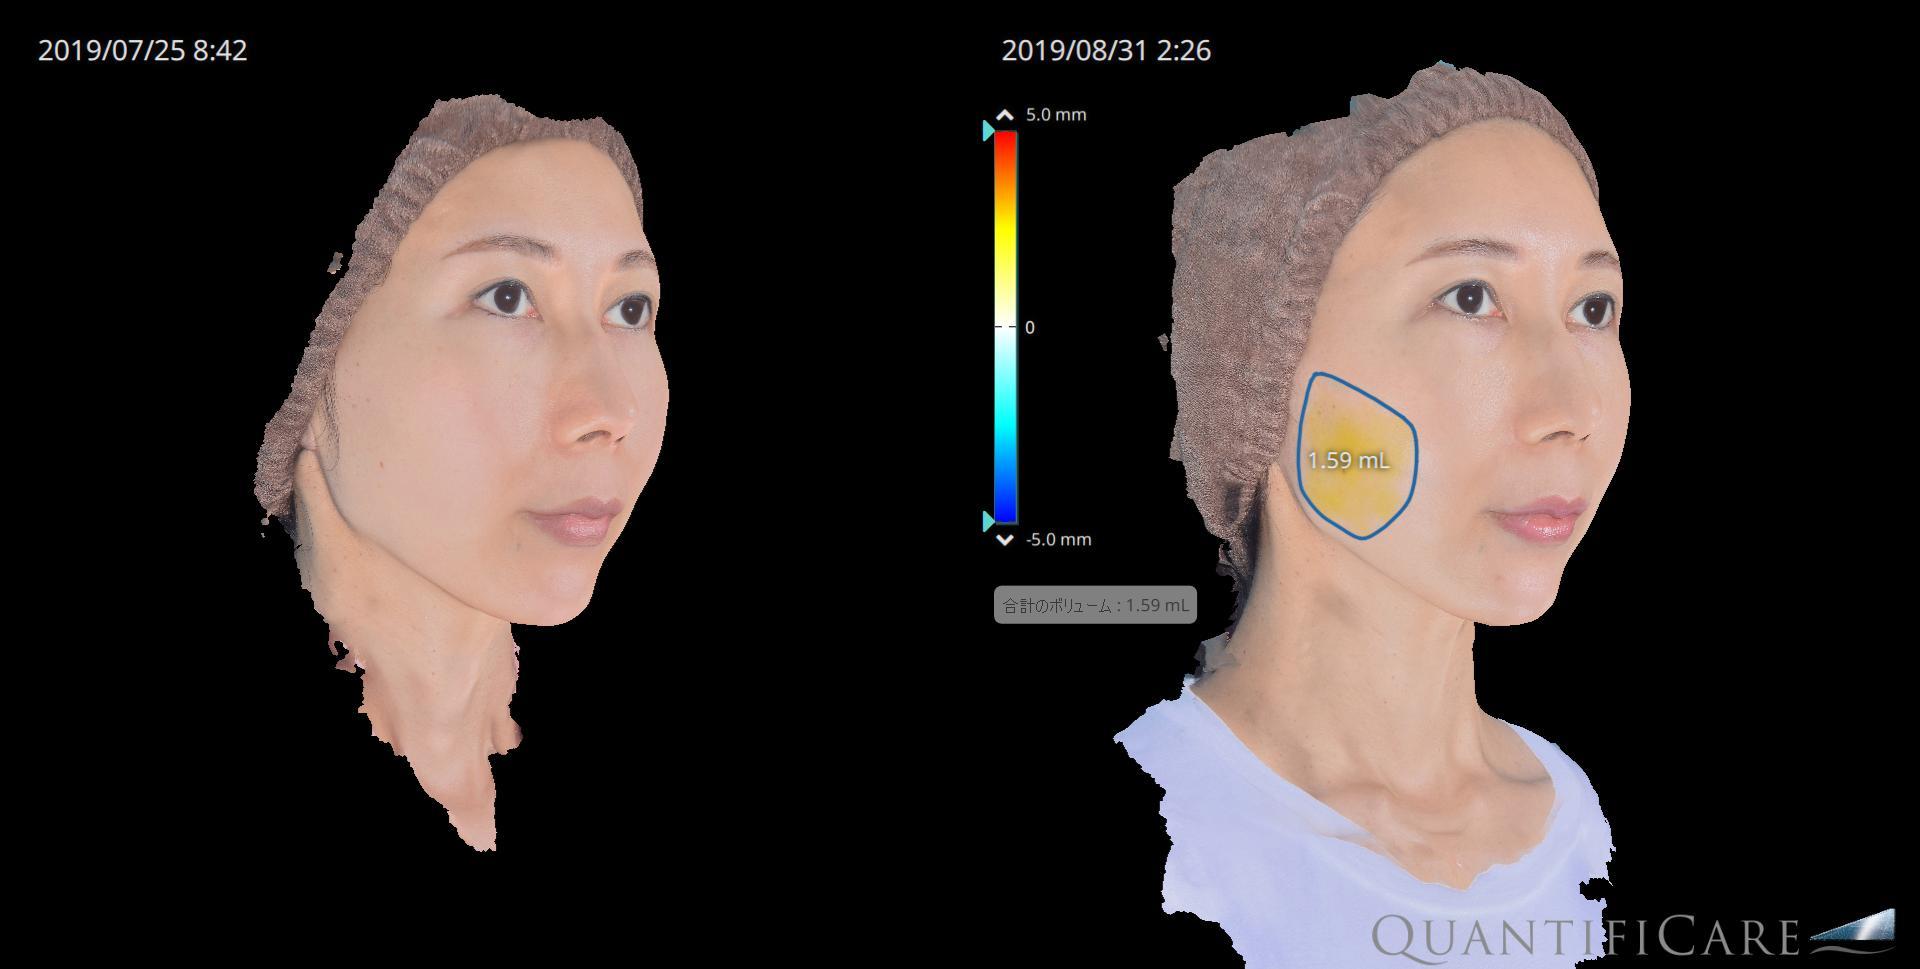 脂肪注入 before&after 右頬の脂肪増加量